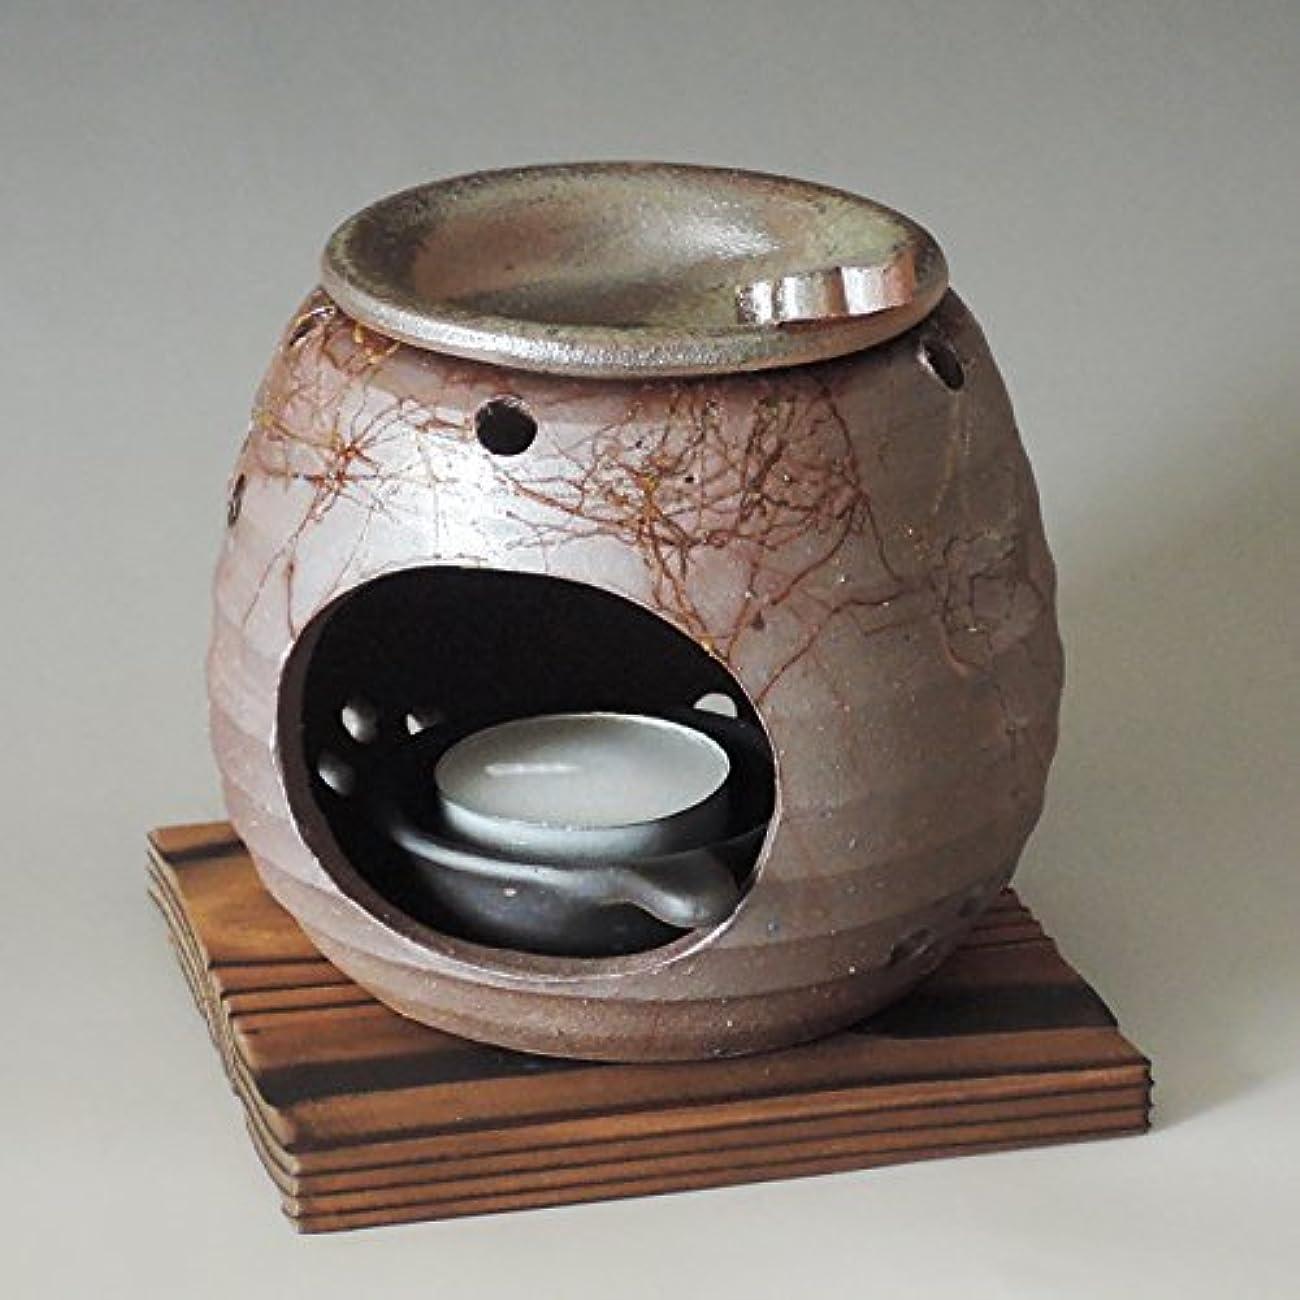 シャーロットブロンテ反逆キャプション茶香炉 常滑焼 石龍作「藻掛け」川本屋茶舗